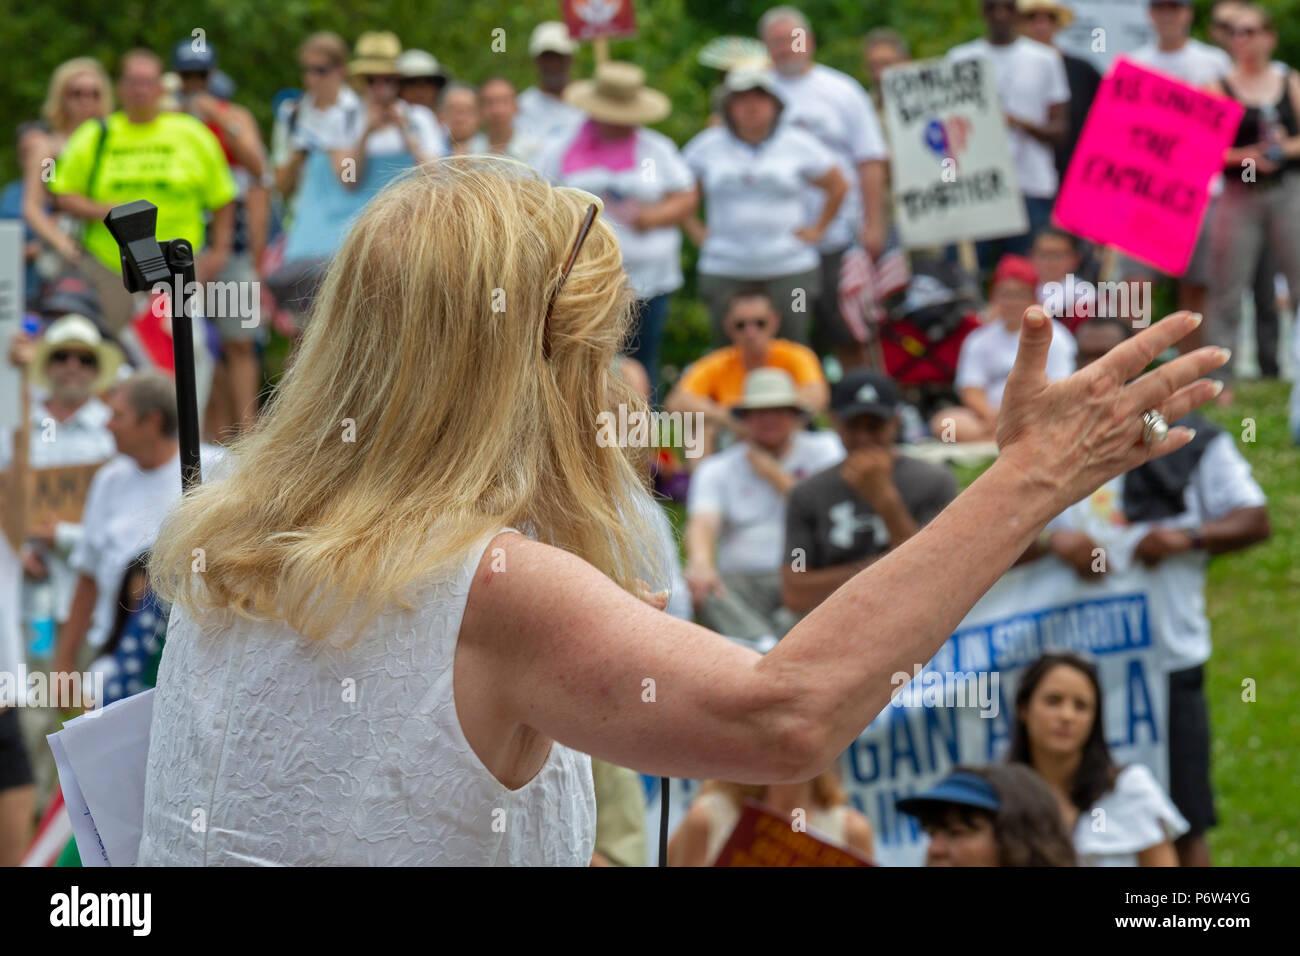 Detroit, Michigan - Sénatrice Debbie Dingell (D-Mich.) parle à un rassemblement s'opposant à la politique de l'administration d'atout de séparer les jeunes enfants f Photo Stock